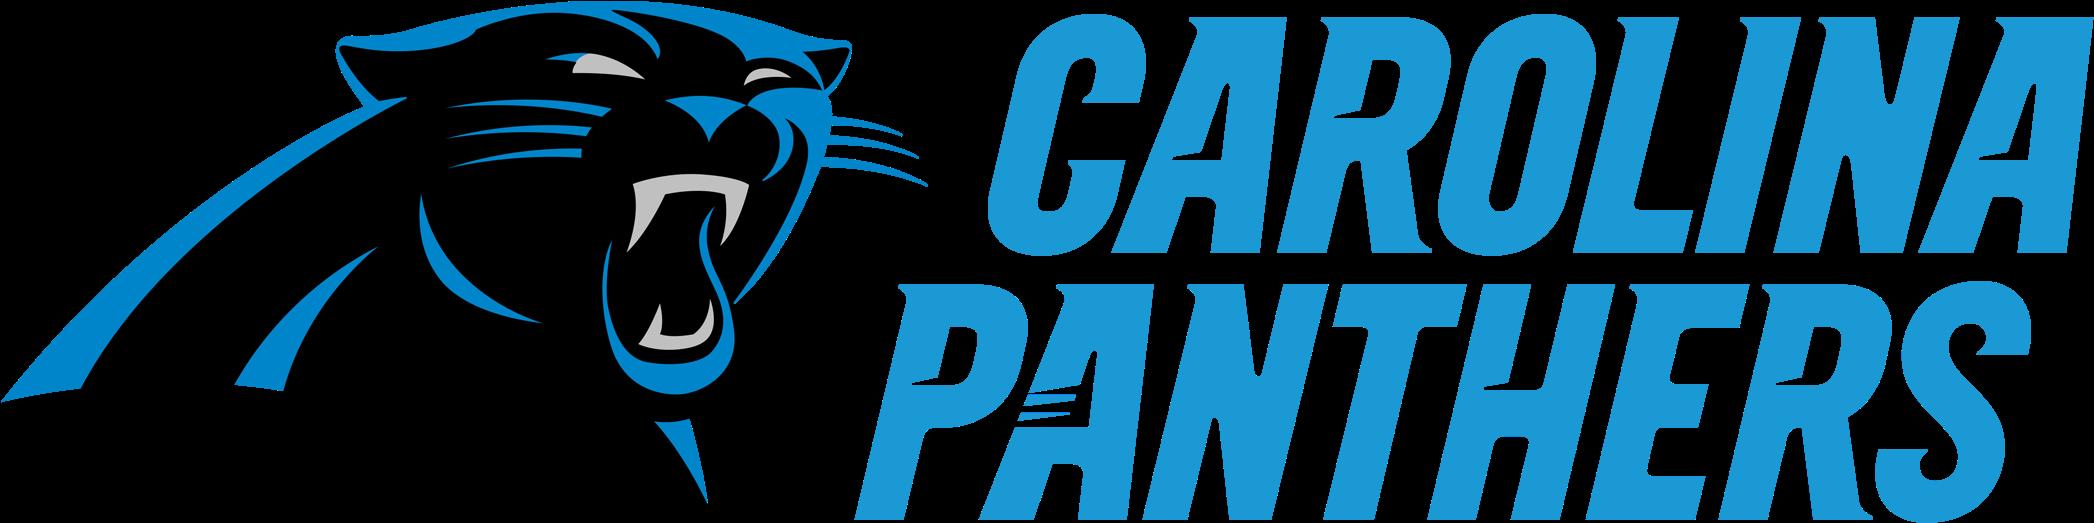 transparent carolina panthers logo png